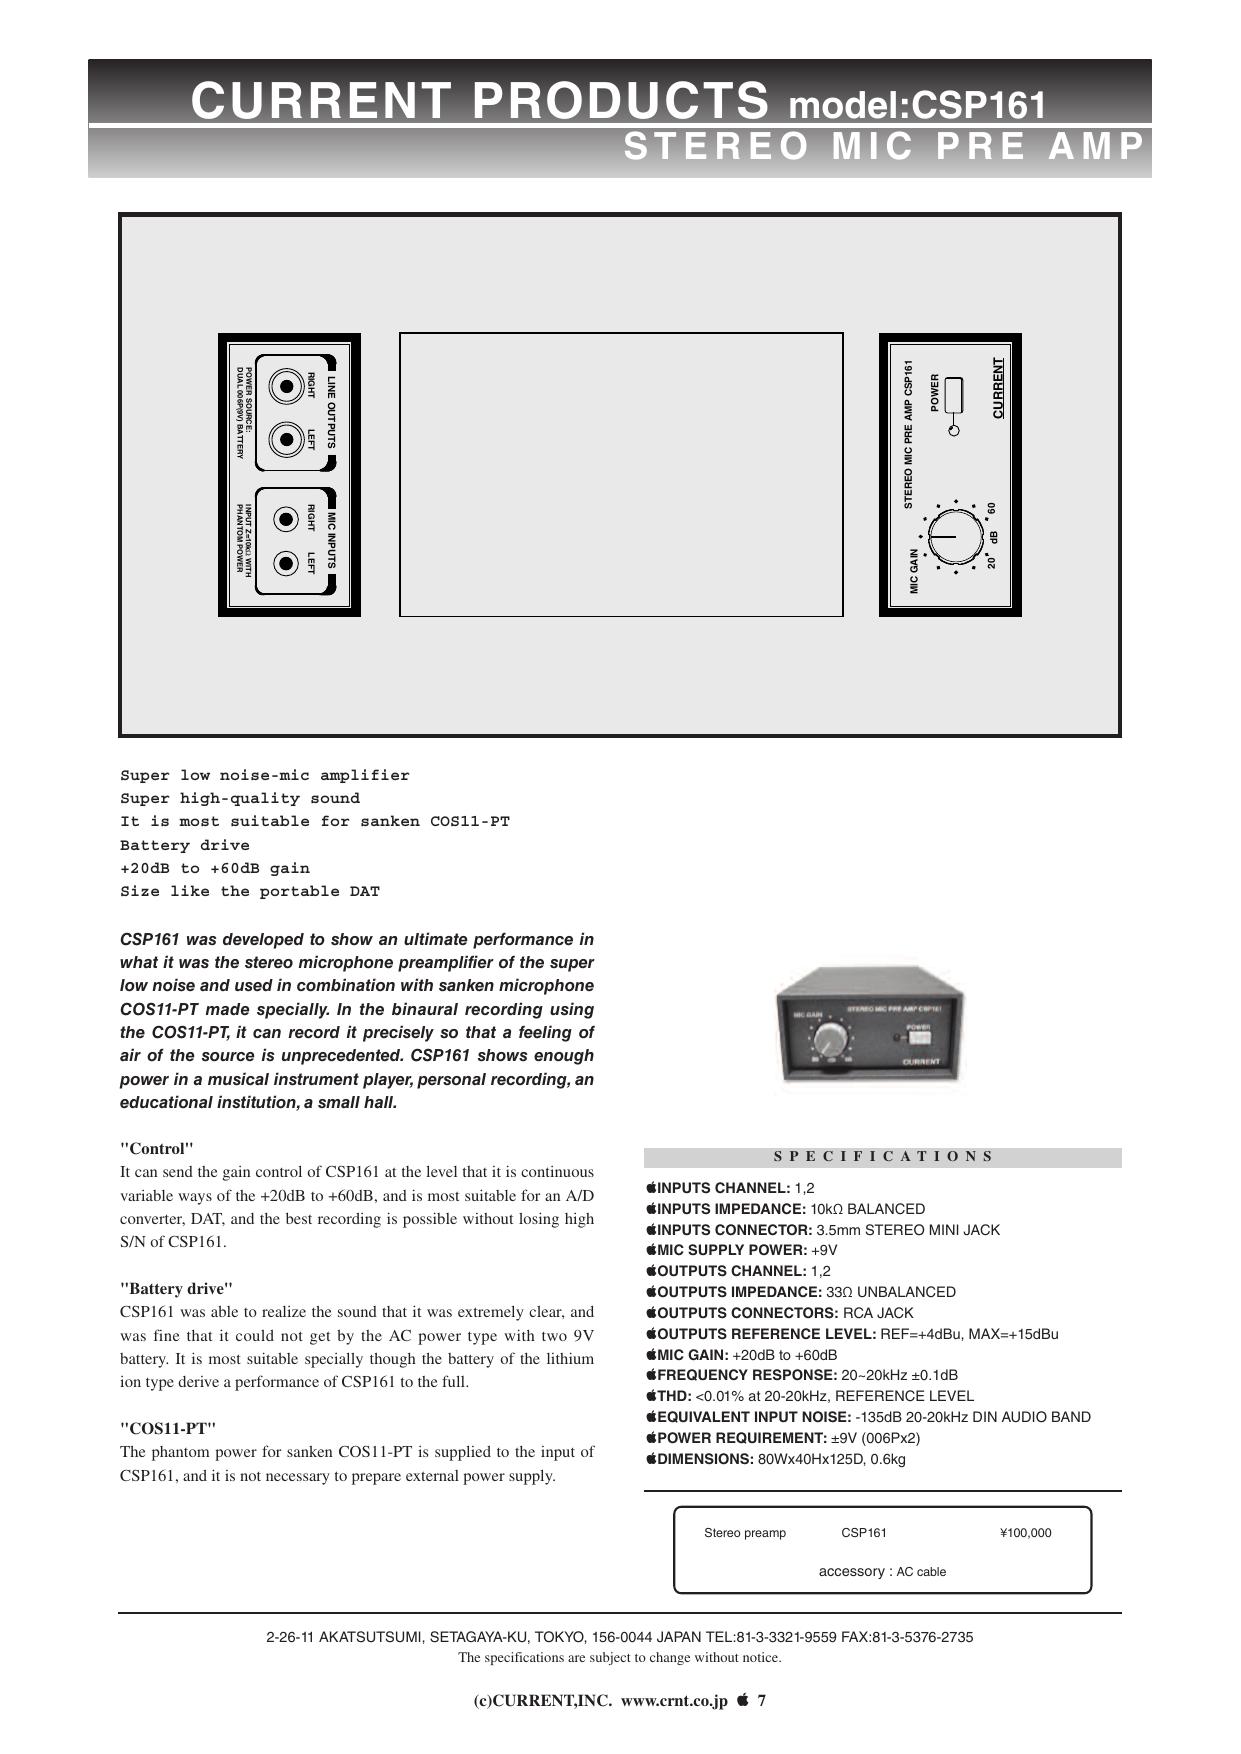 CURRENT PRODUCTS model:CSP161   manualzz com